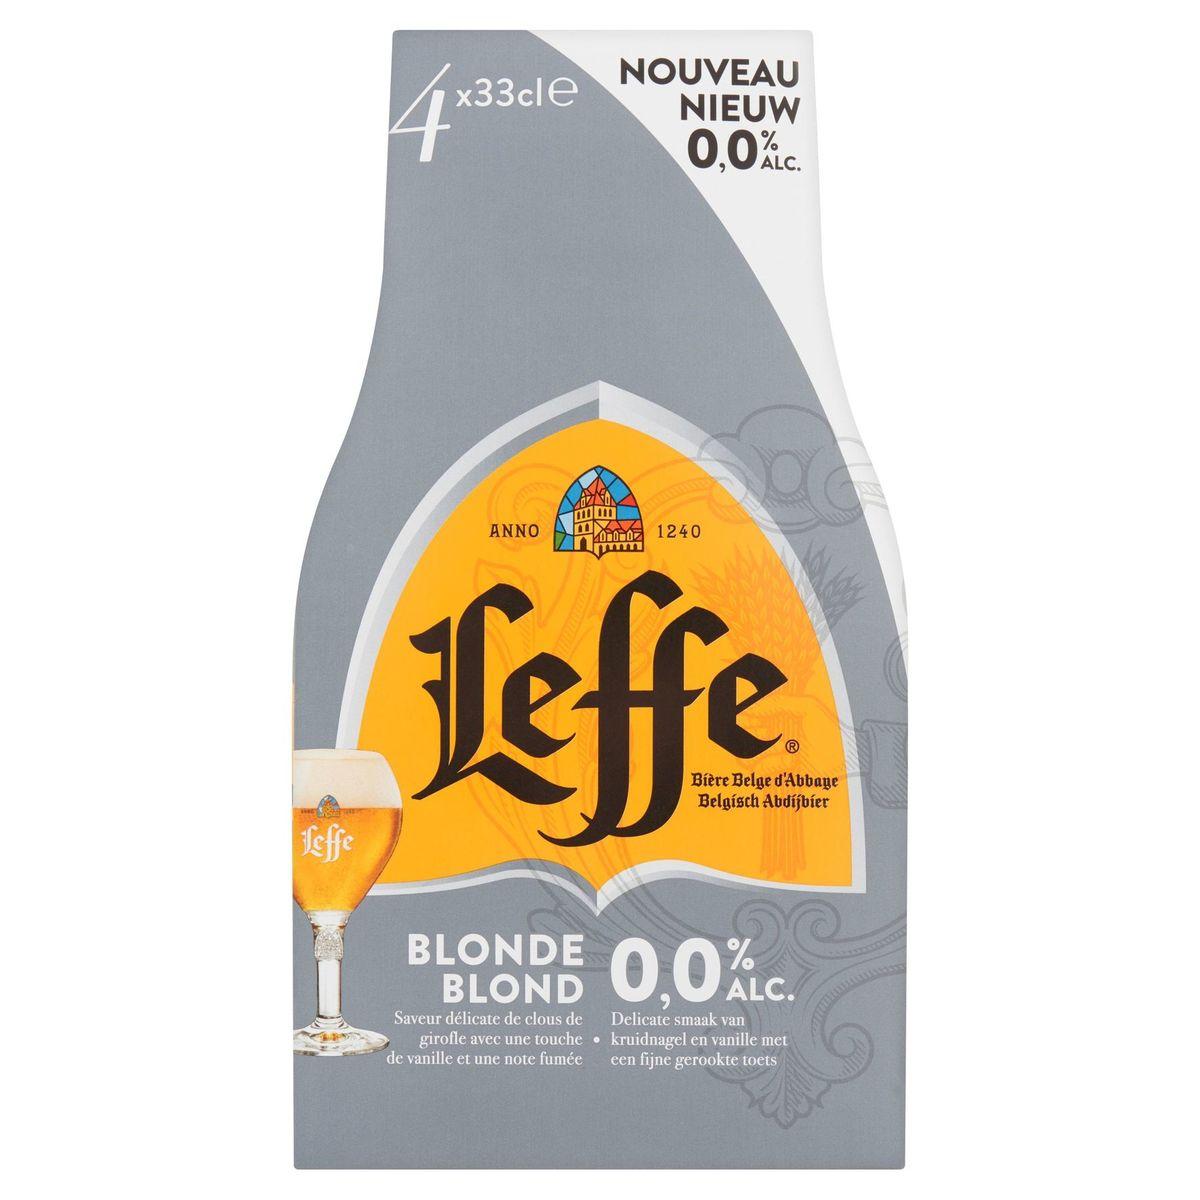 Leffe Bière Belge d'Abbaye Blonde 0.0% Alc. Bouteilles 4 x 33 cl